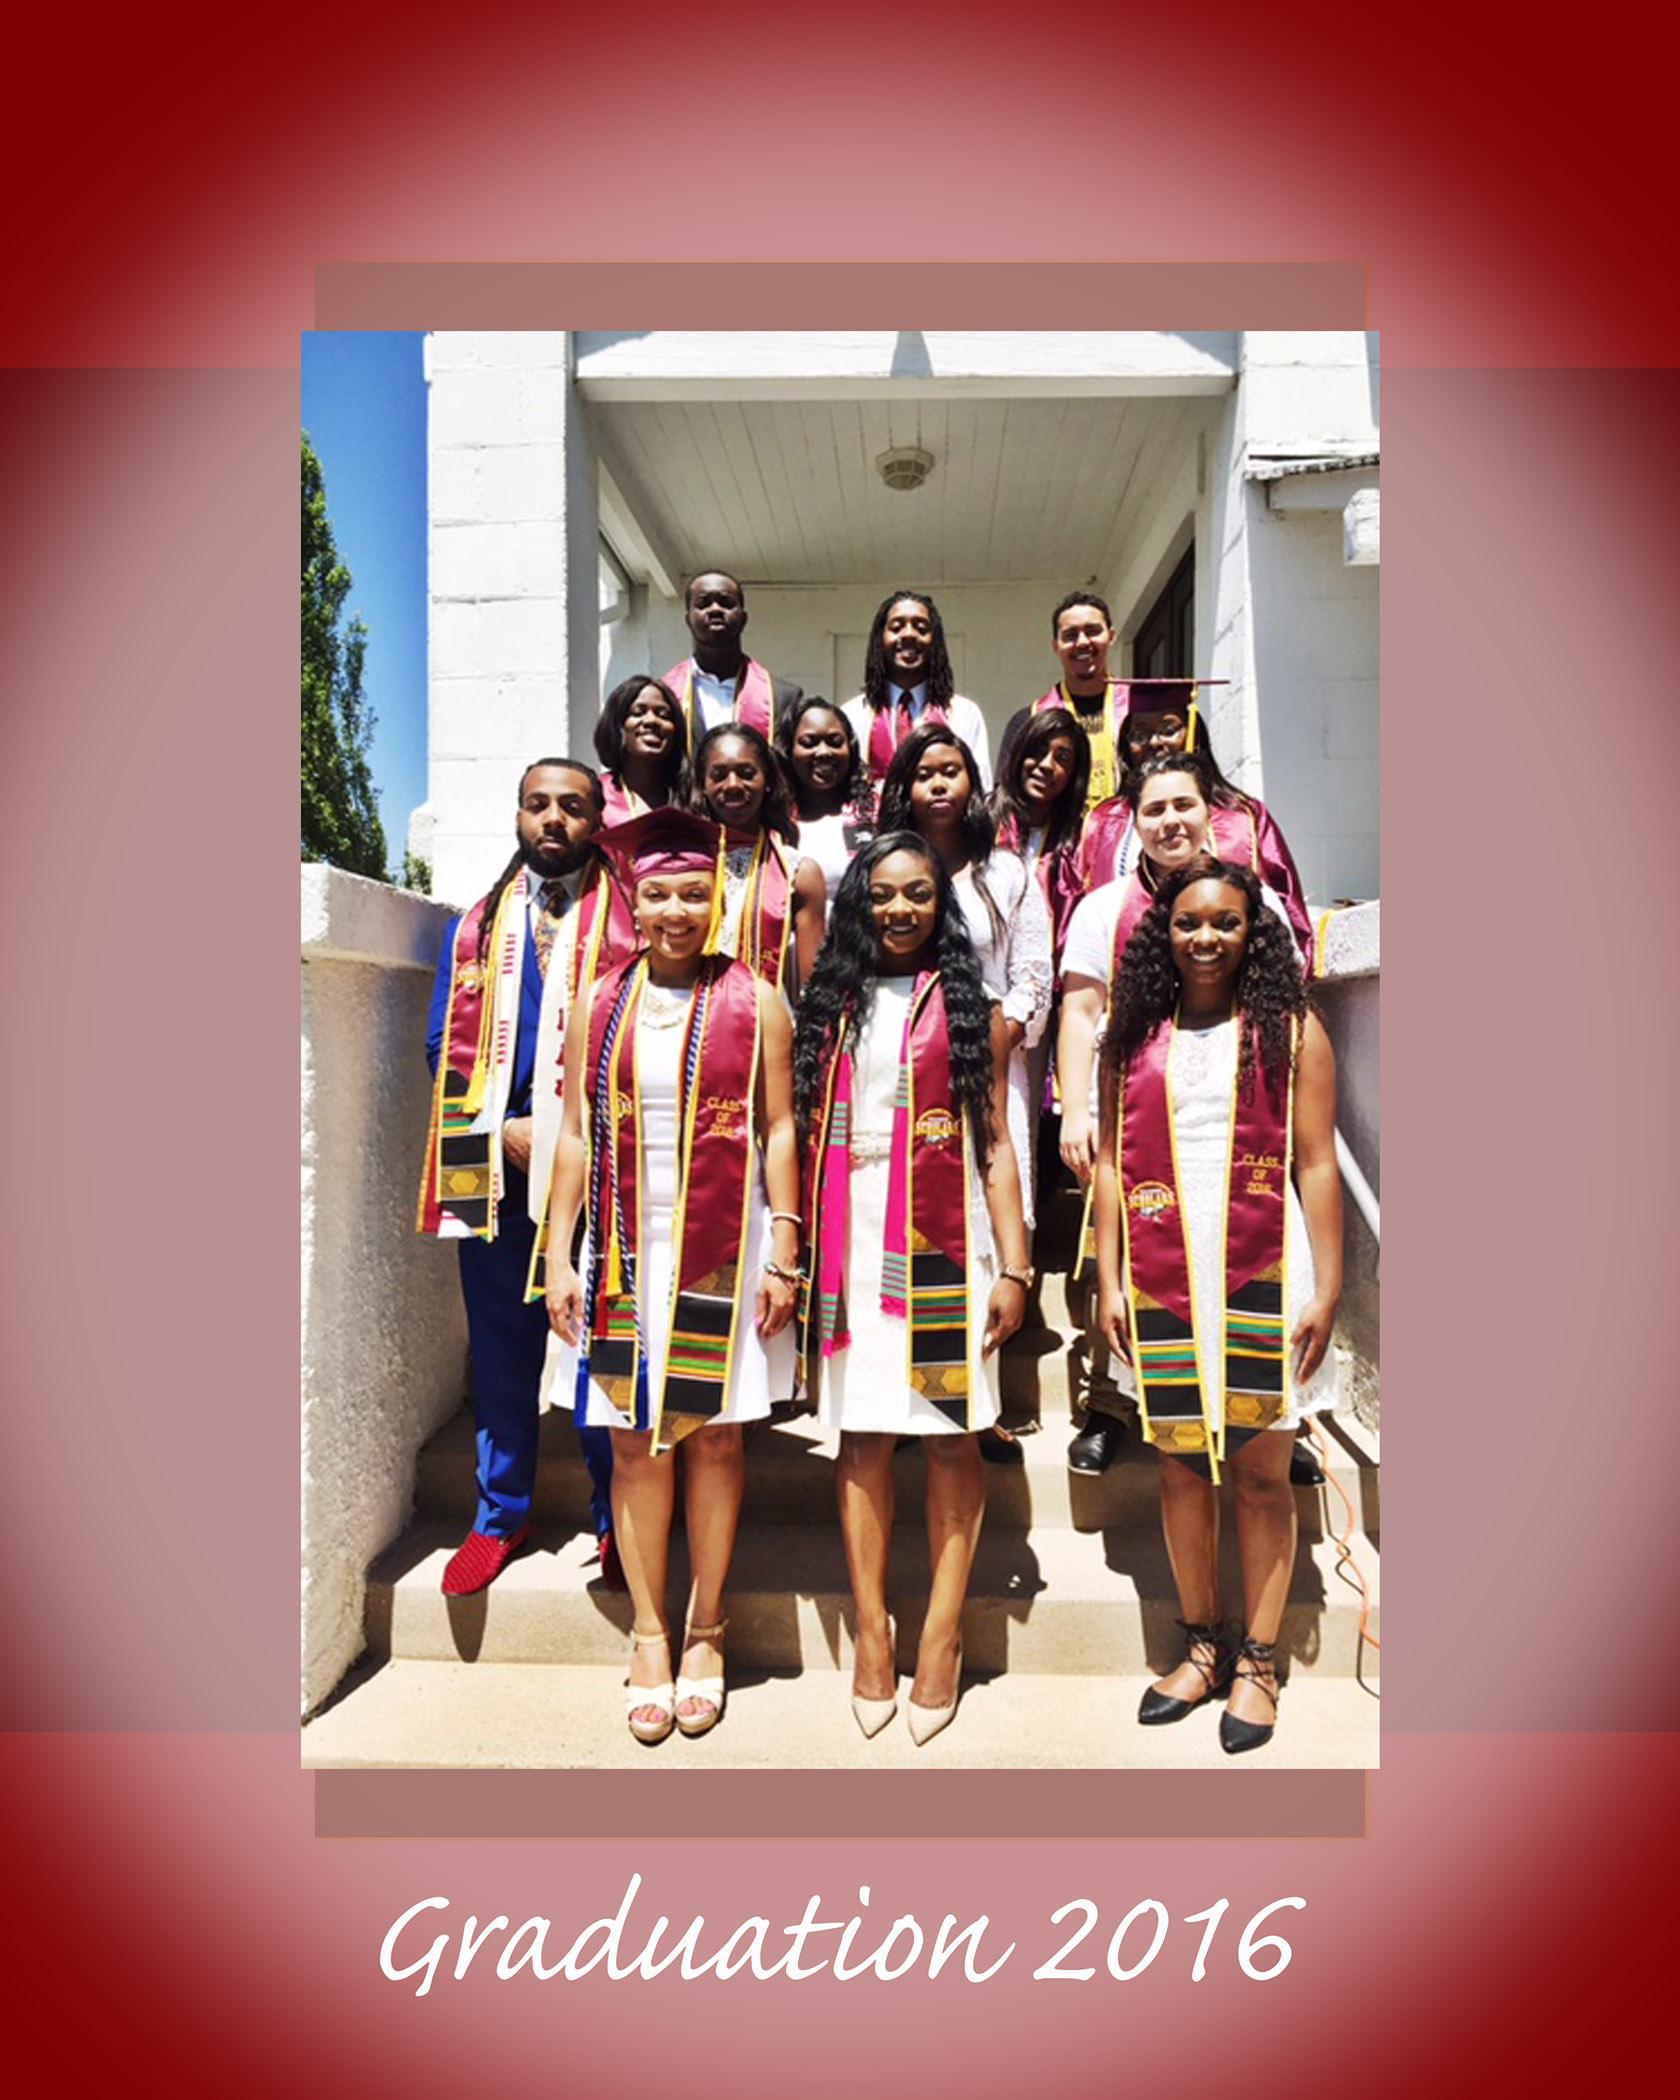 Graduation 2016-8x10